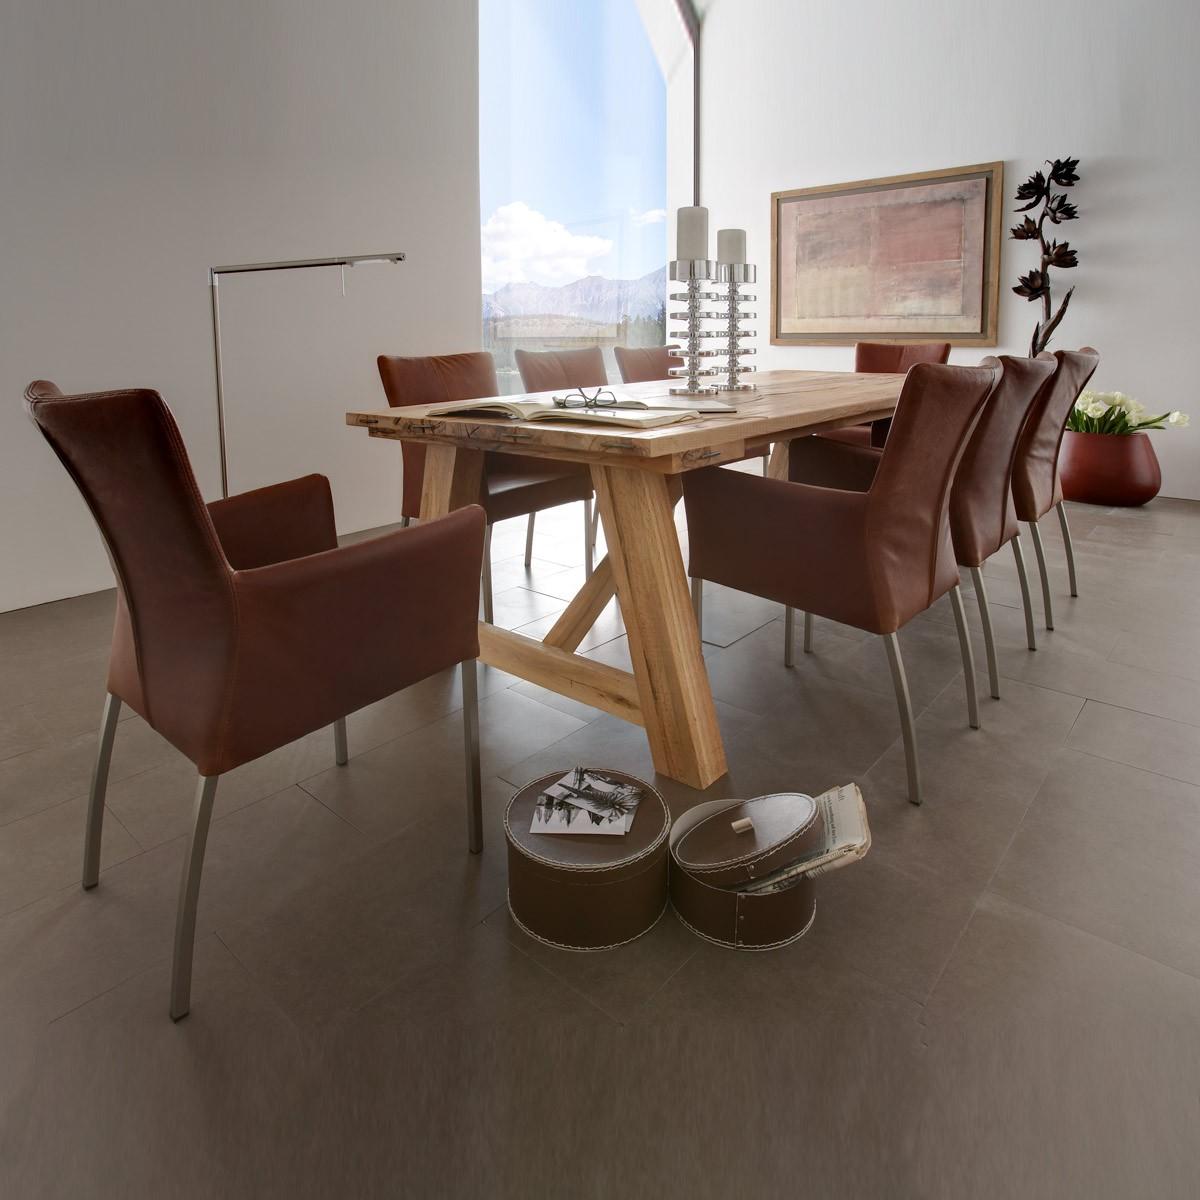 Wandtisch culter mit 2 hocker in hochglanz weiss for Esstisch 50x50